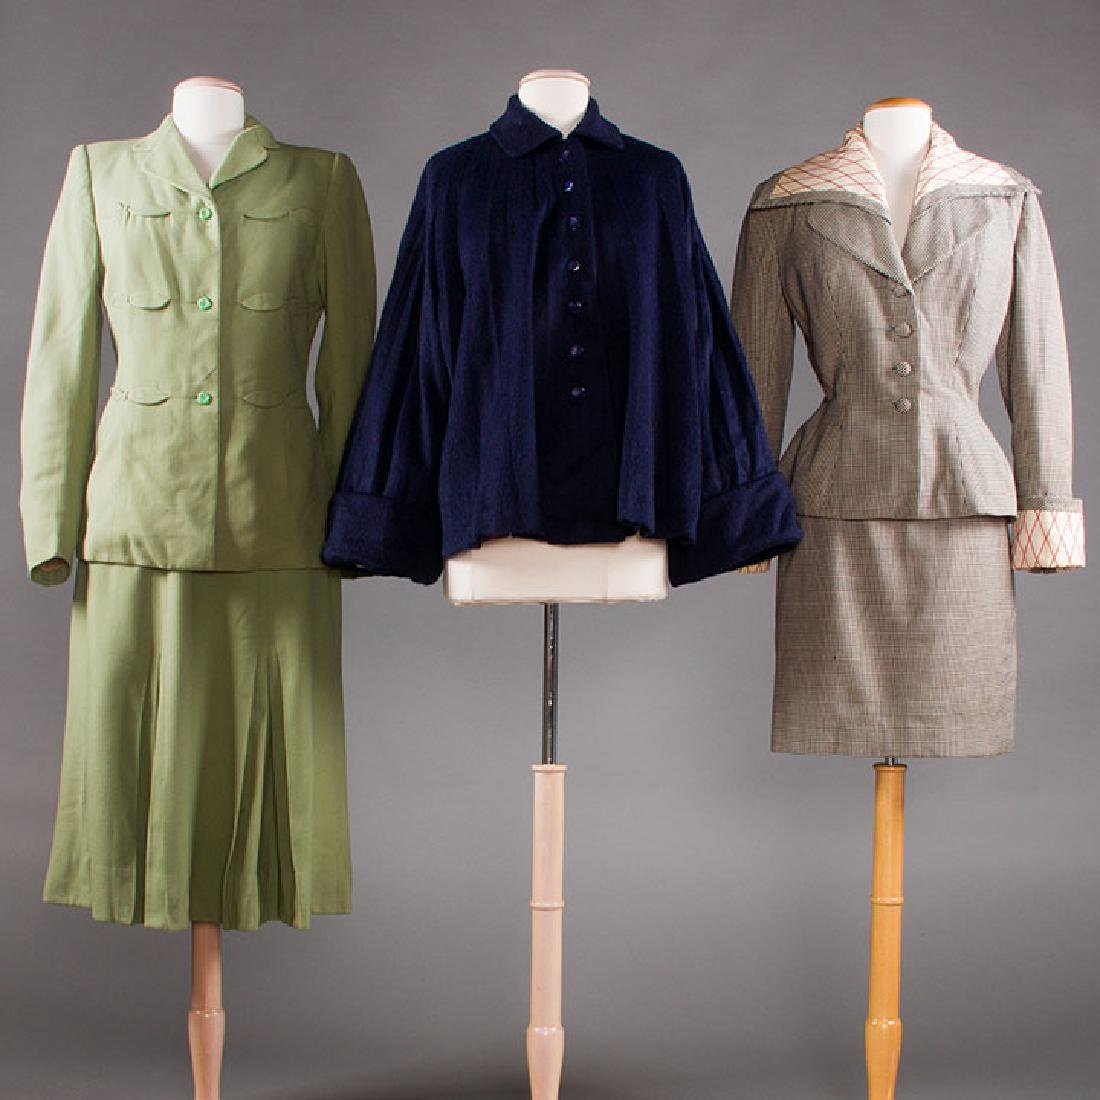 2 LILLI ANN WOOL GARMENTS, 1940-1950